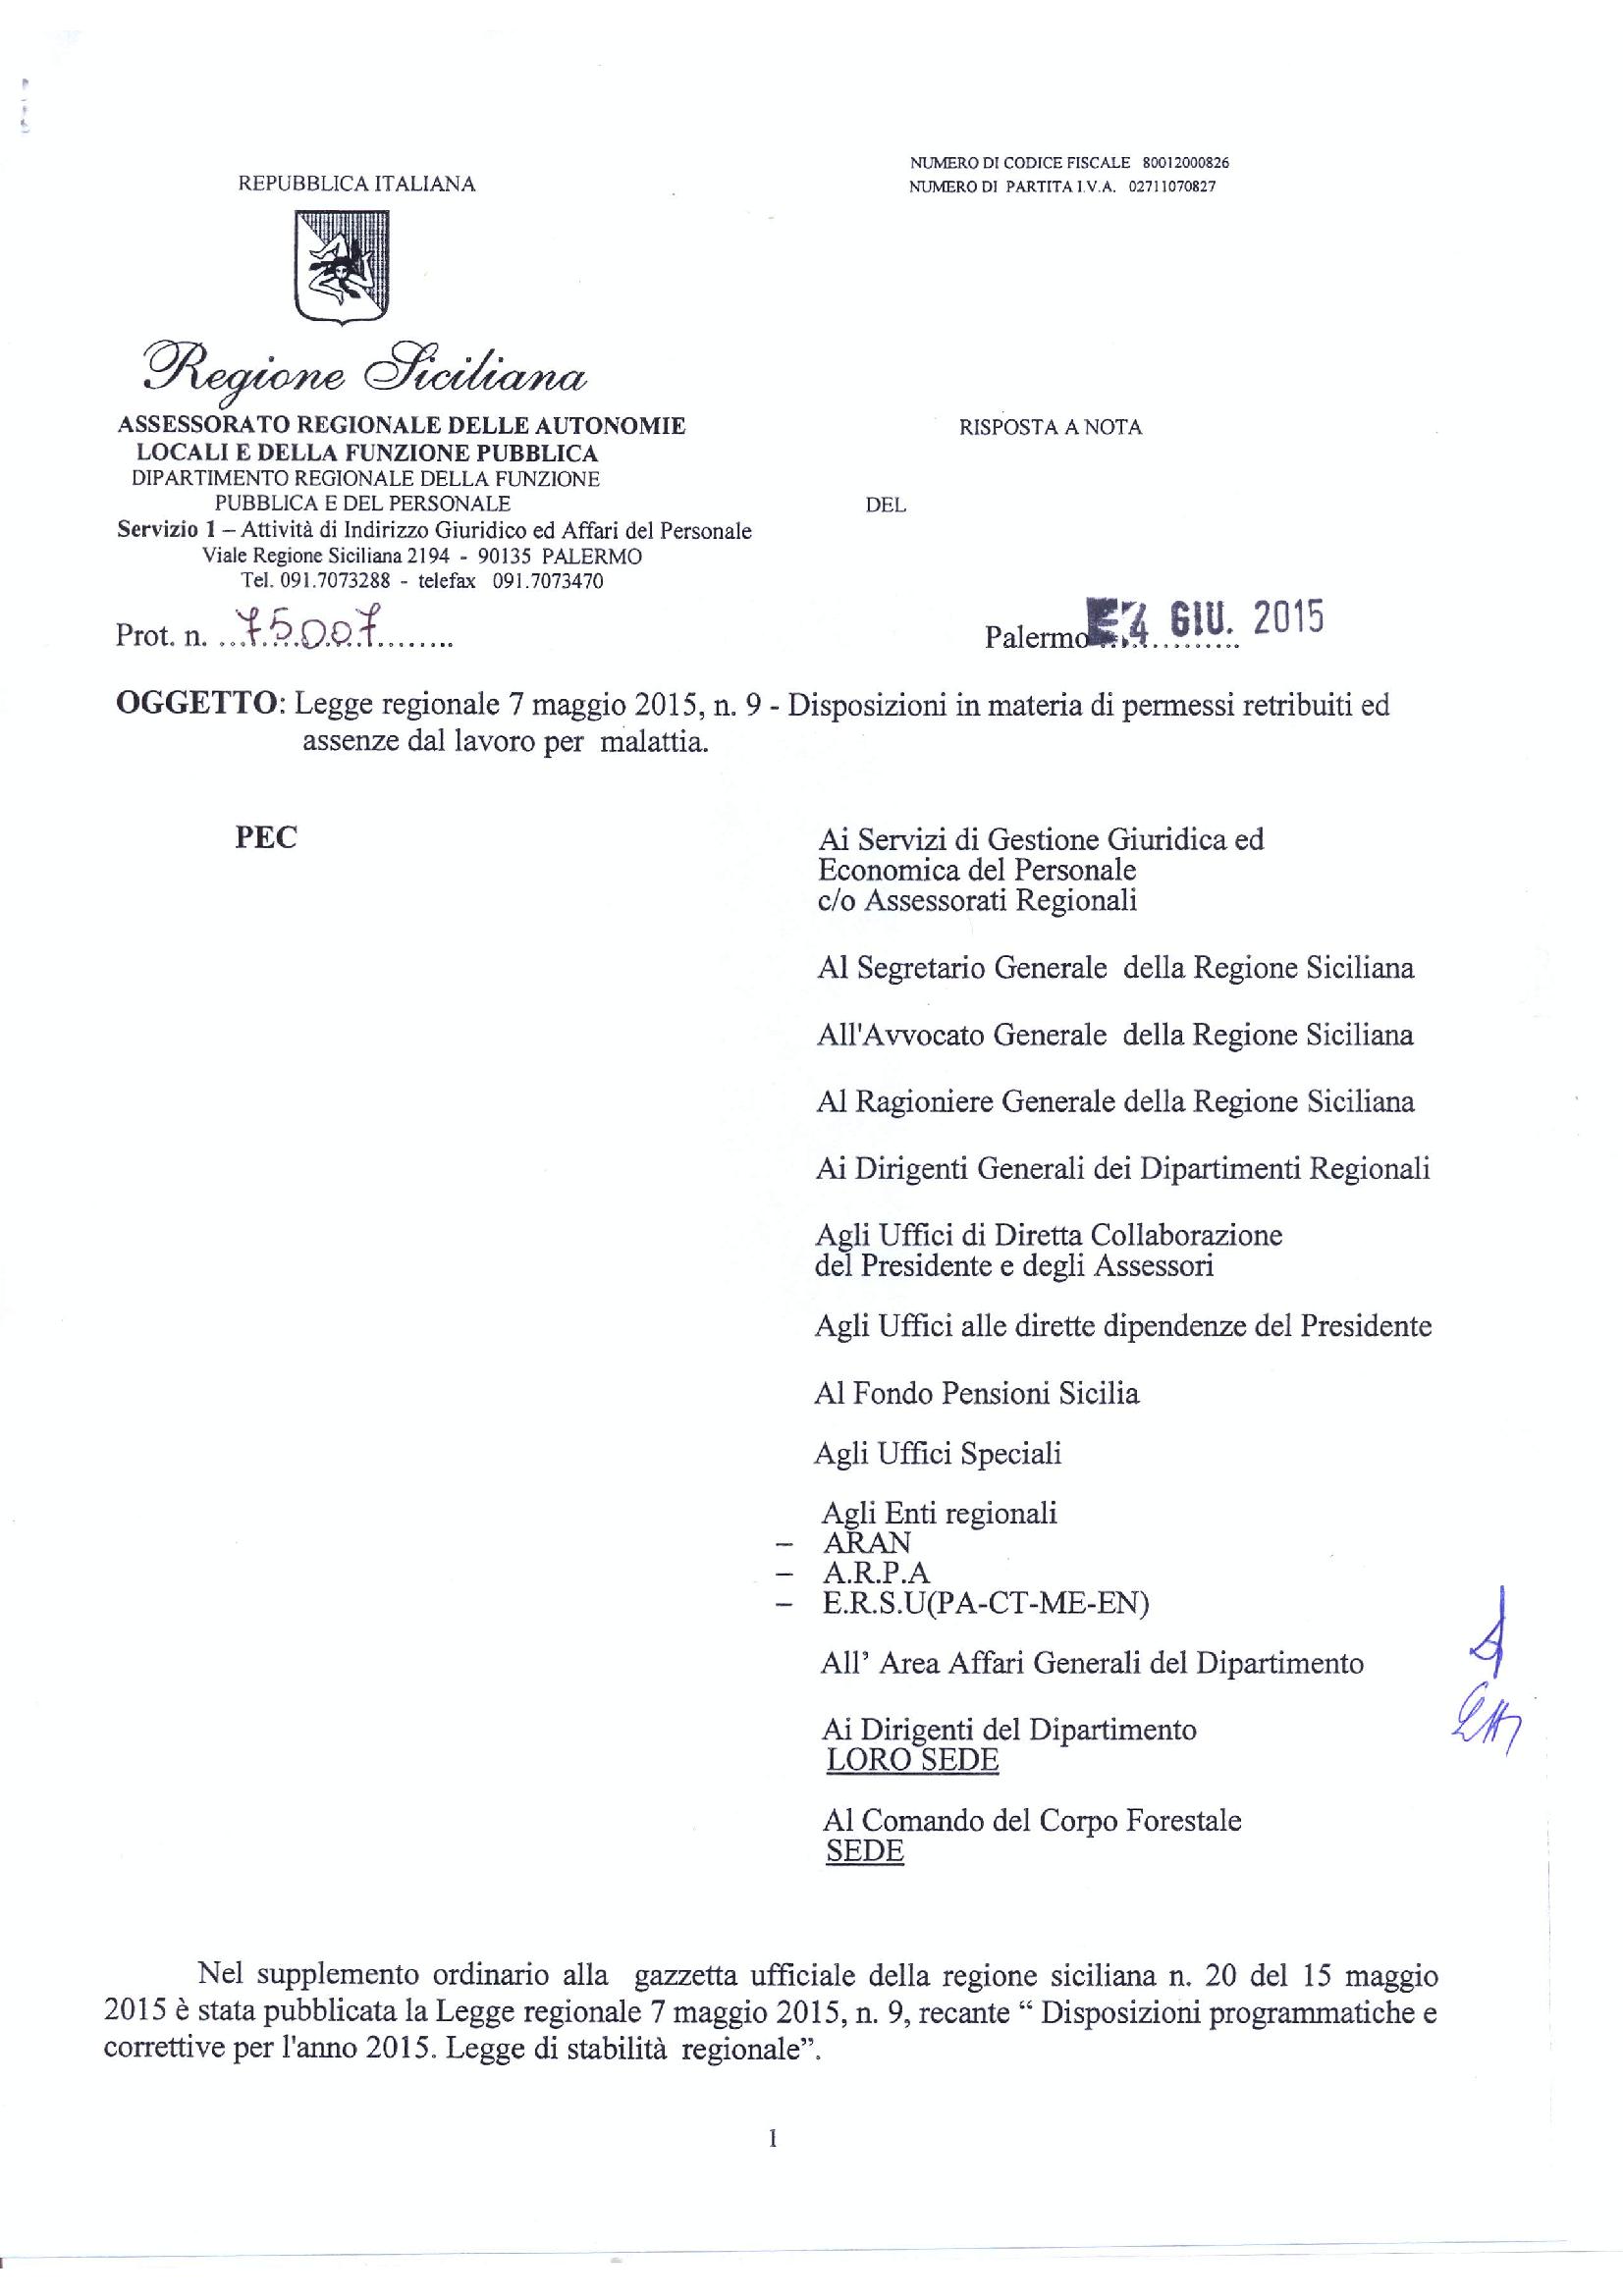 nota-n.-75007-del-04.06....permessi-retribuiti